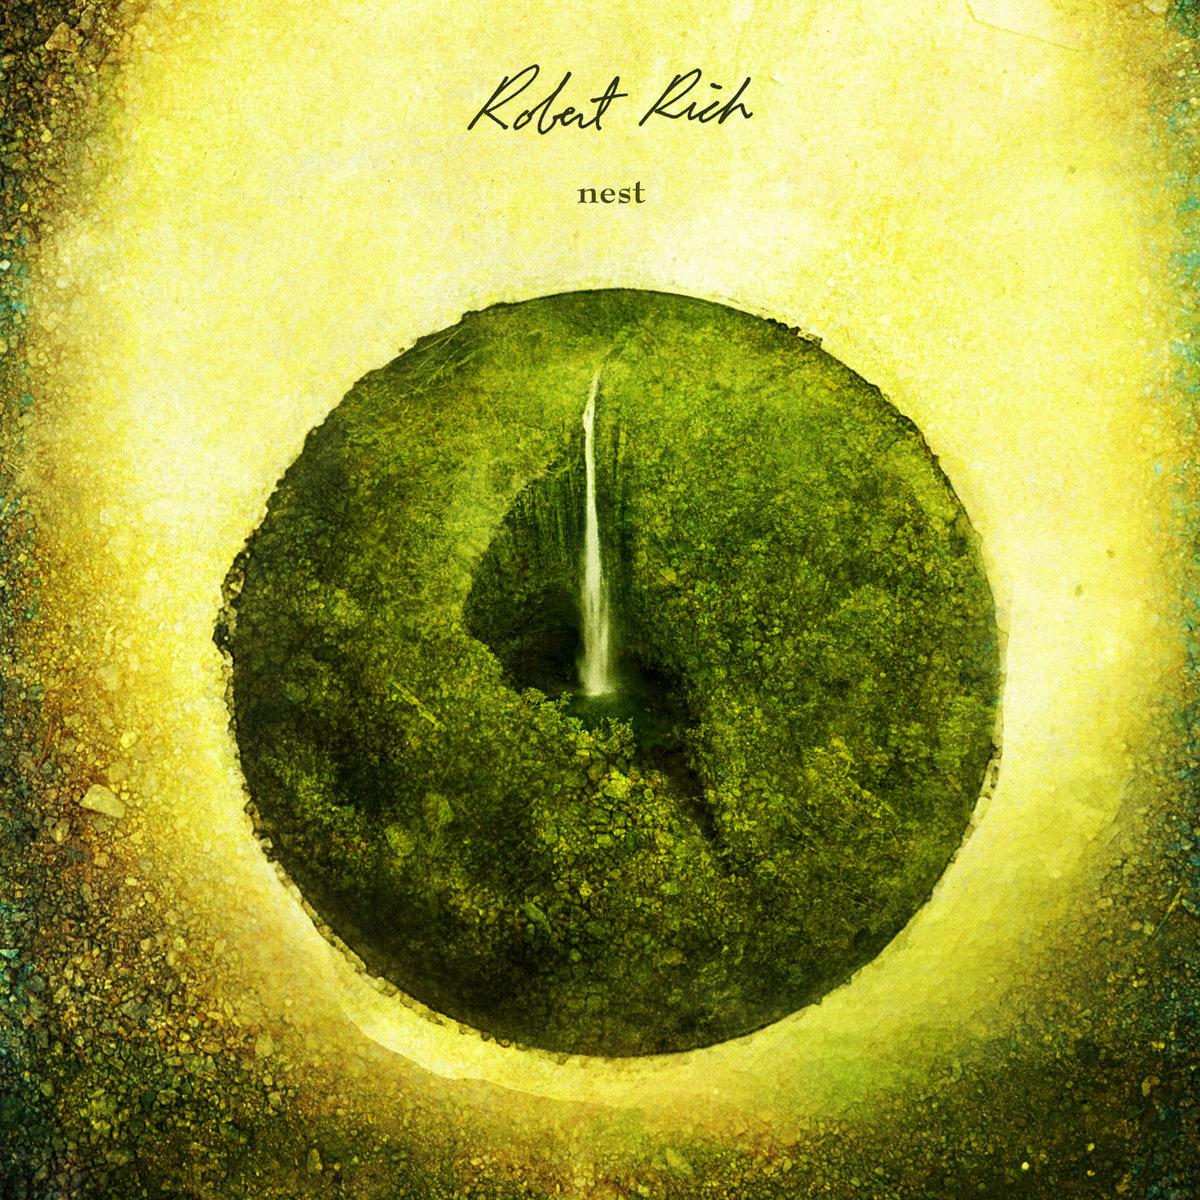 Robert Rich | Nest album cover